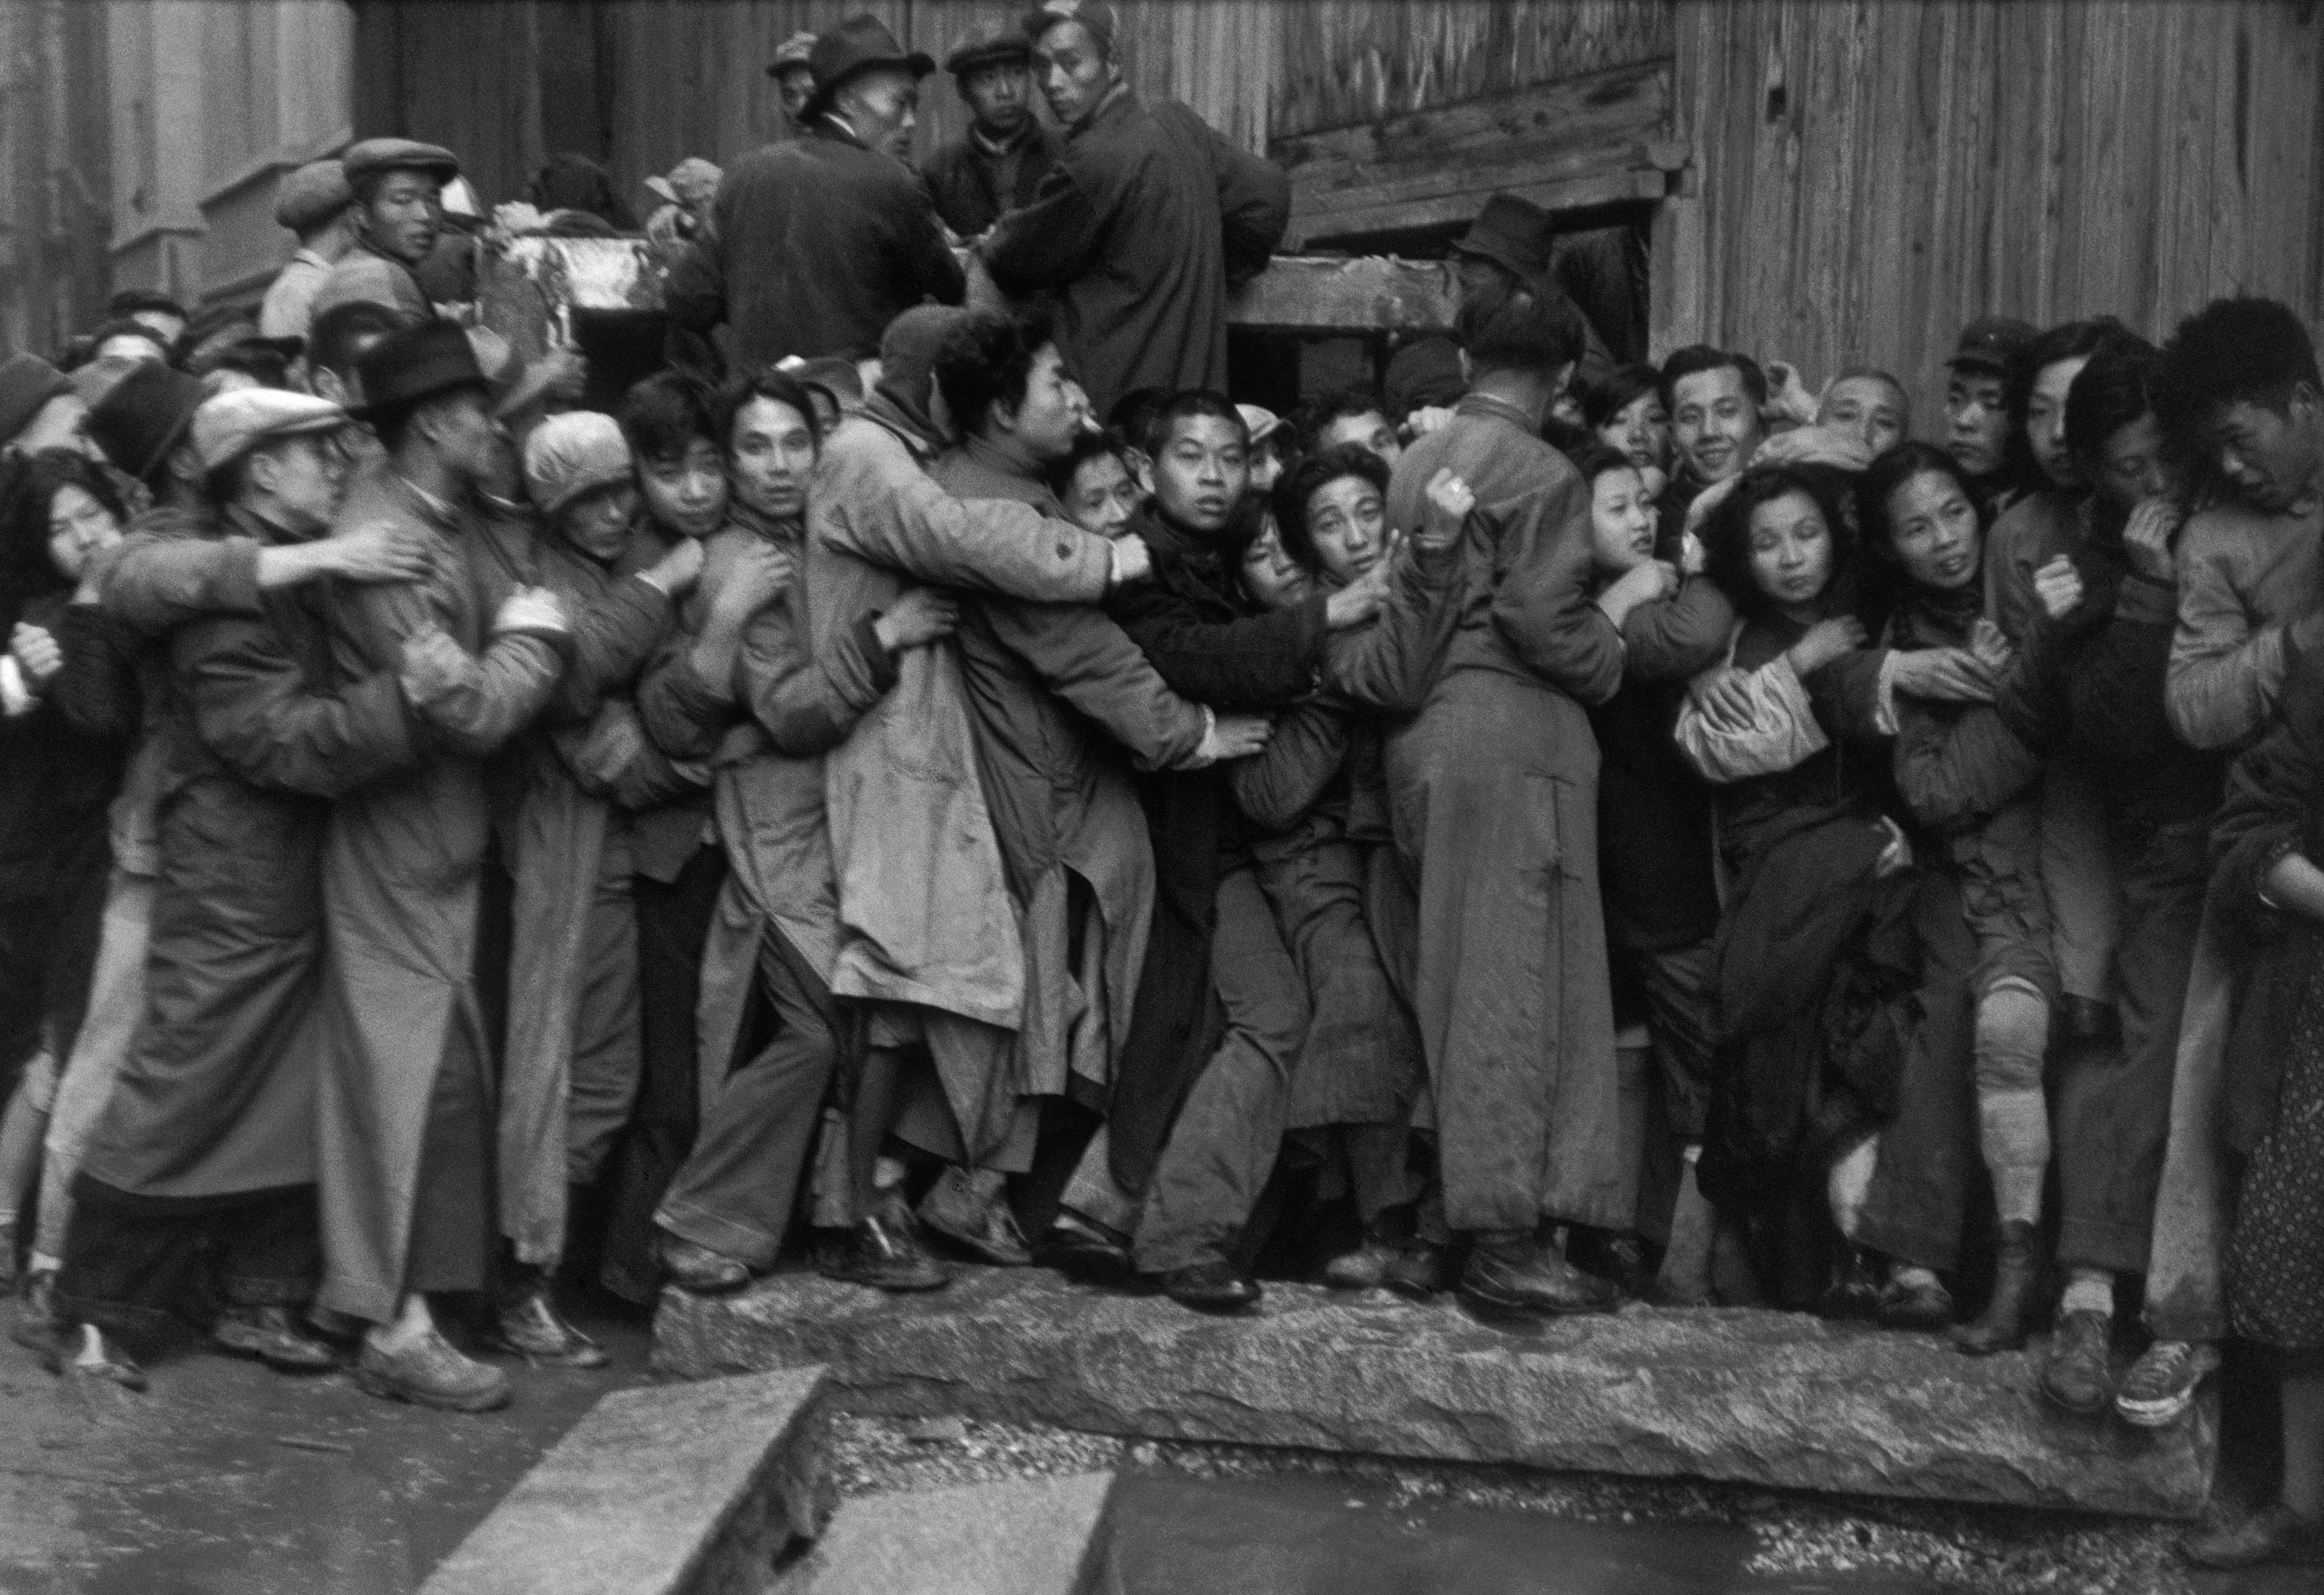 Gold Rush. En fin de journée, bousculades devant une banque pour acheter de l'or. Derniers jours du Kuomintang, Shanghai, 23 décembre 1948. © Fondation Henri Cartier-Bresson / Magnum Photos